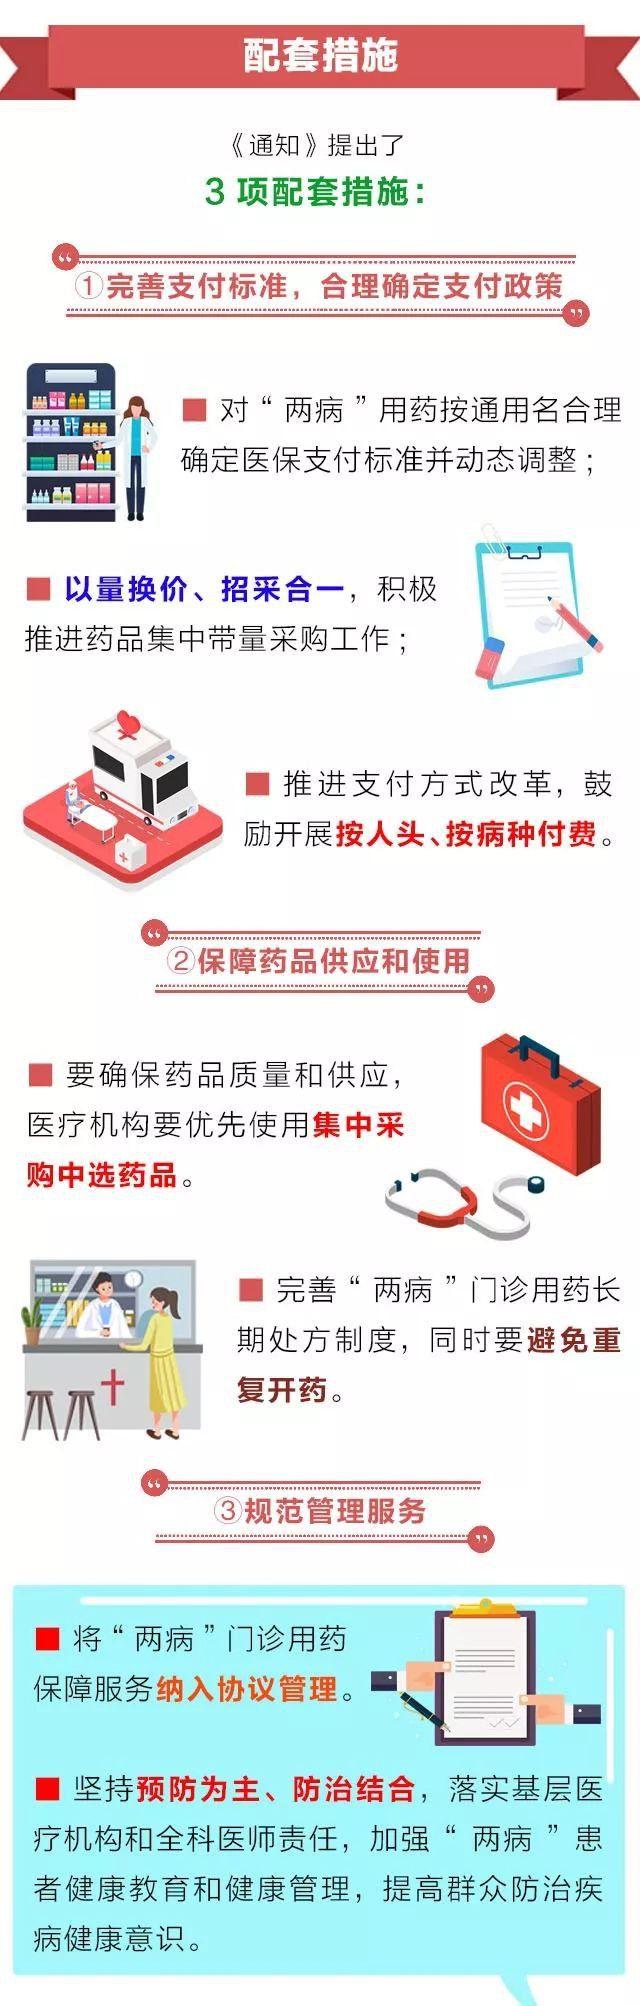 重庆居民医保两病报销政策(高血压 糖尿病)